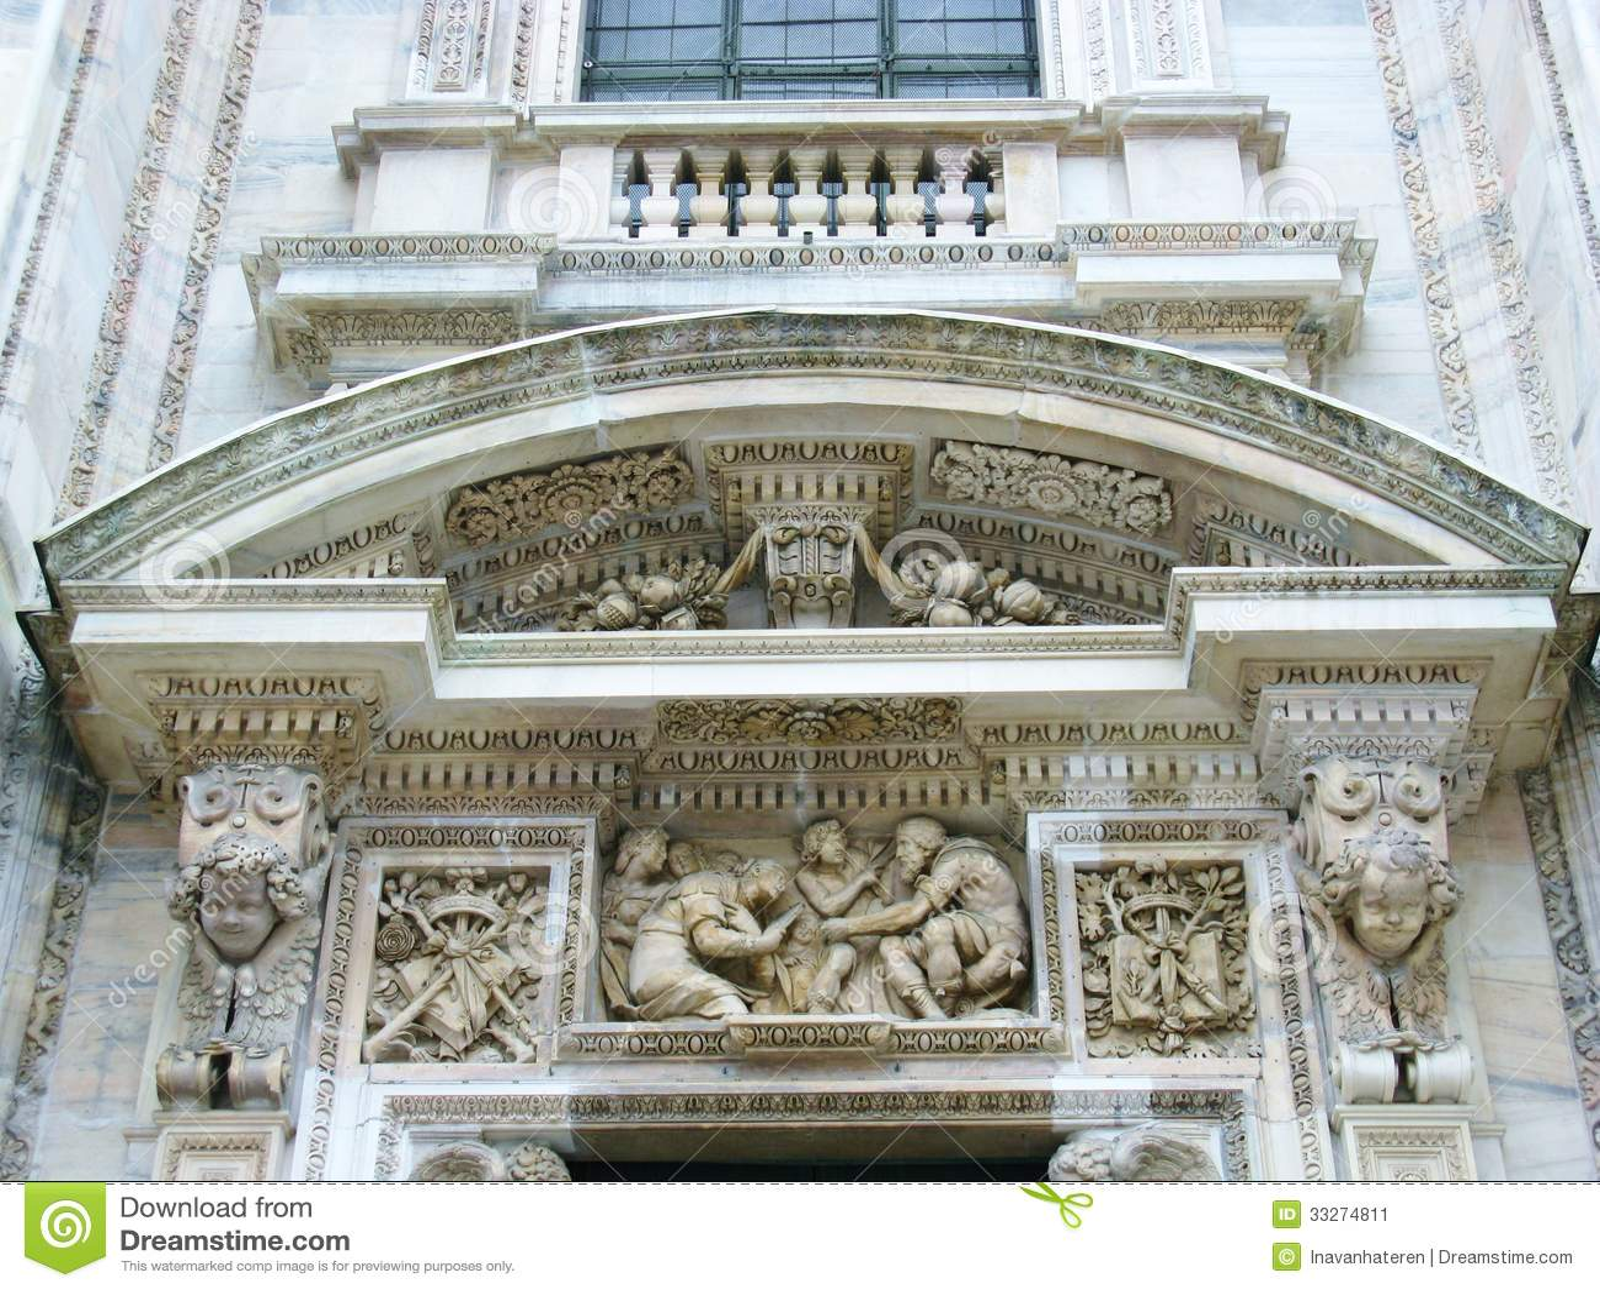 La cath drale gothique de milan image stock image 33274811 - Une cathedrale gothique ...